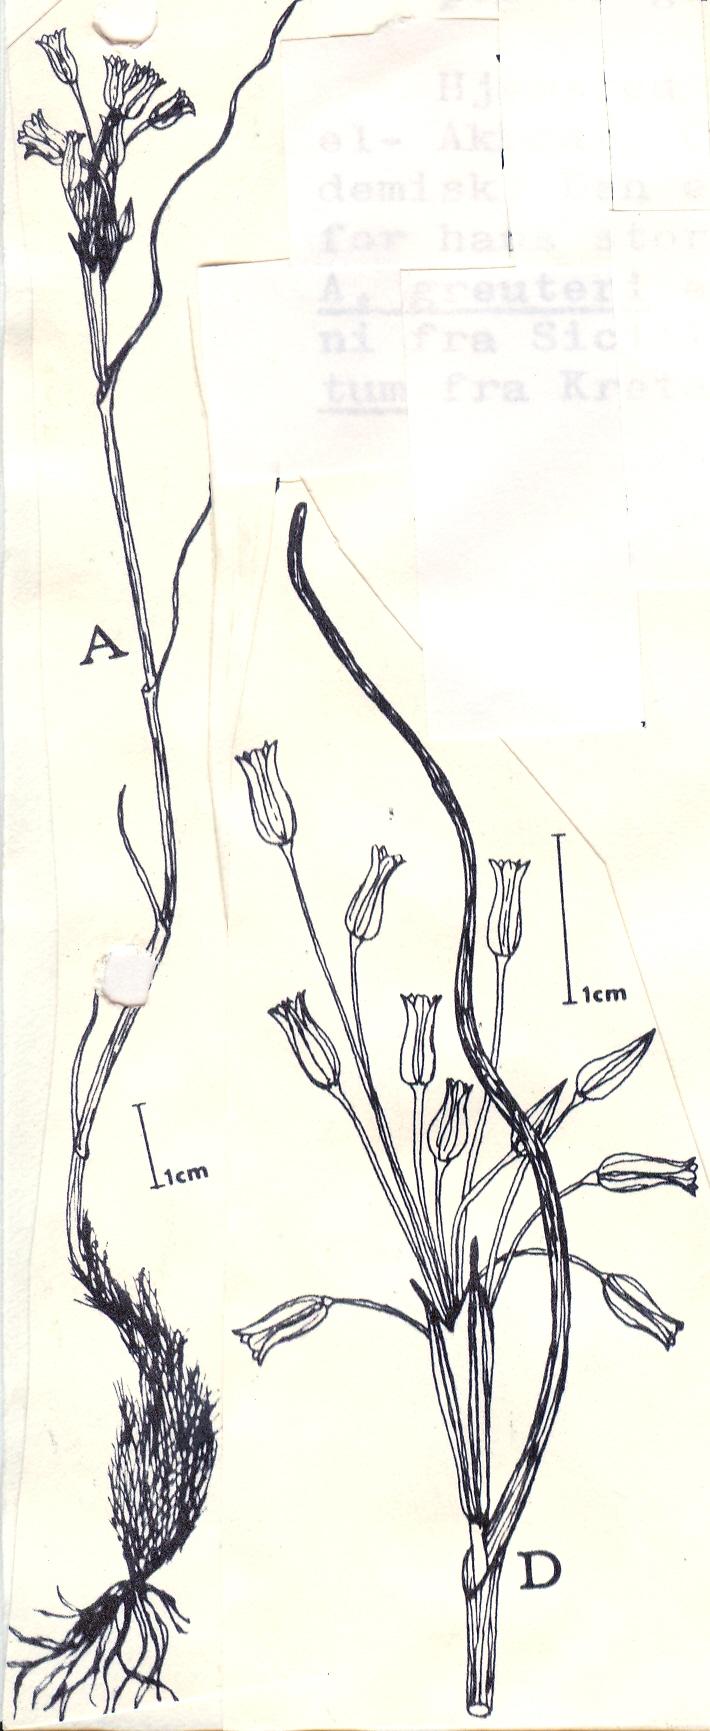 Allium%20greuteri.jpg